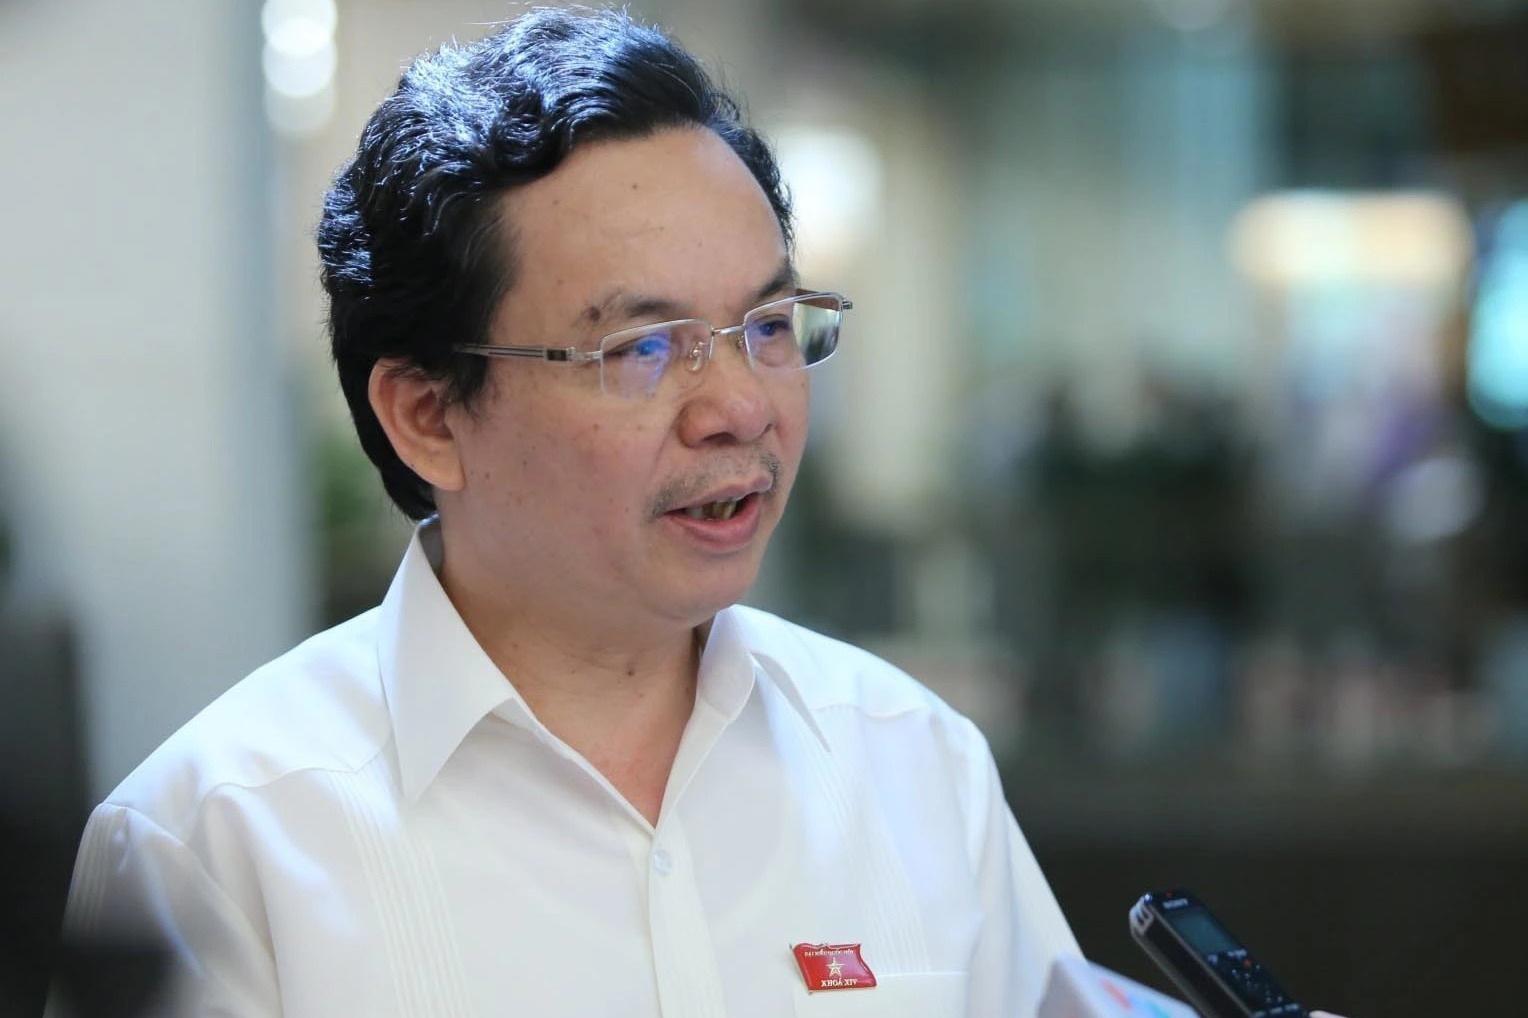 Nghỉ Tết, Quốc Khánh năm 2022: Chuyên gia, doanh nghiệp đồng loạt lên tiếng - Ảnh 3.